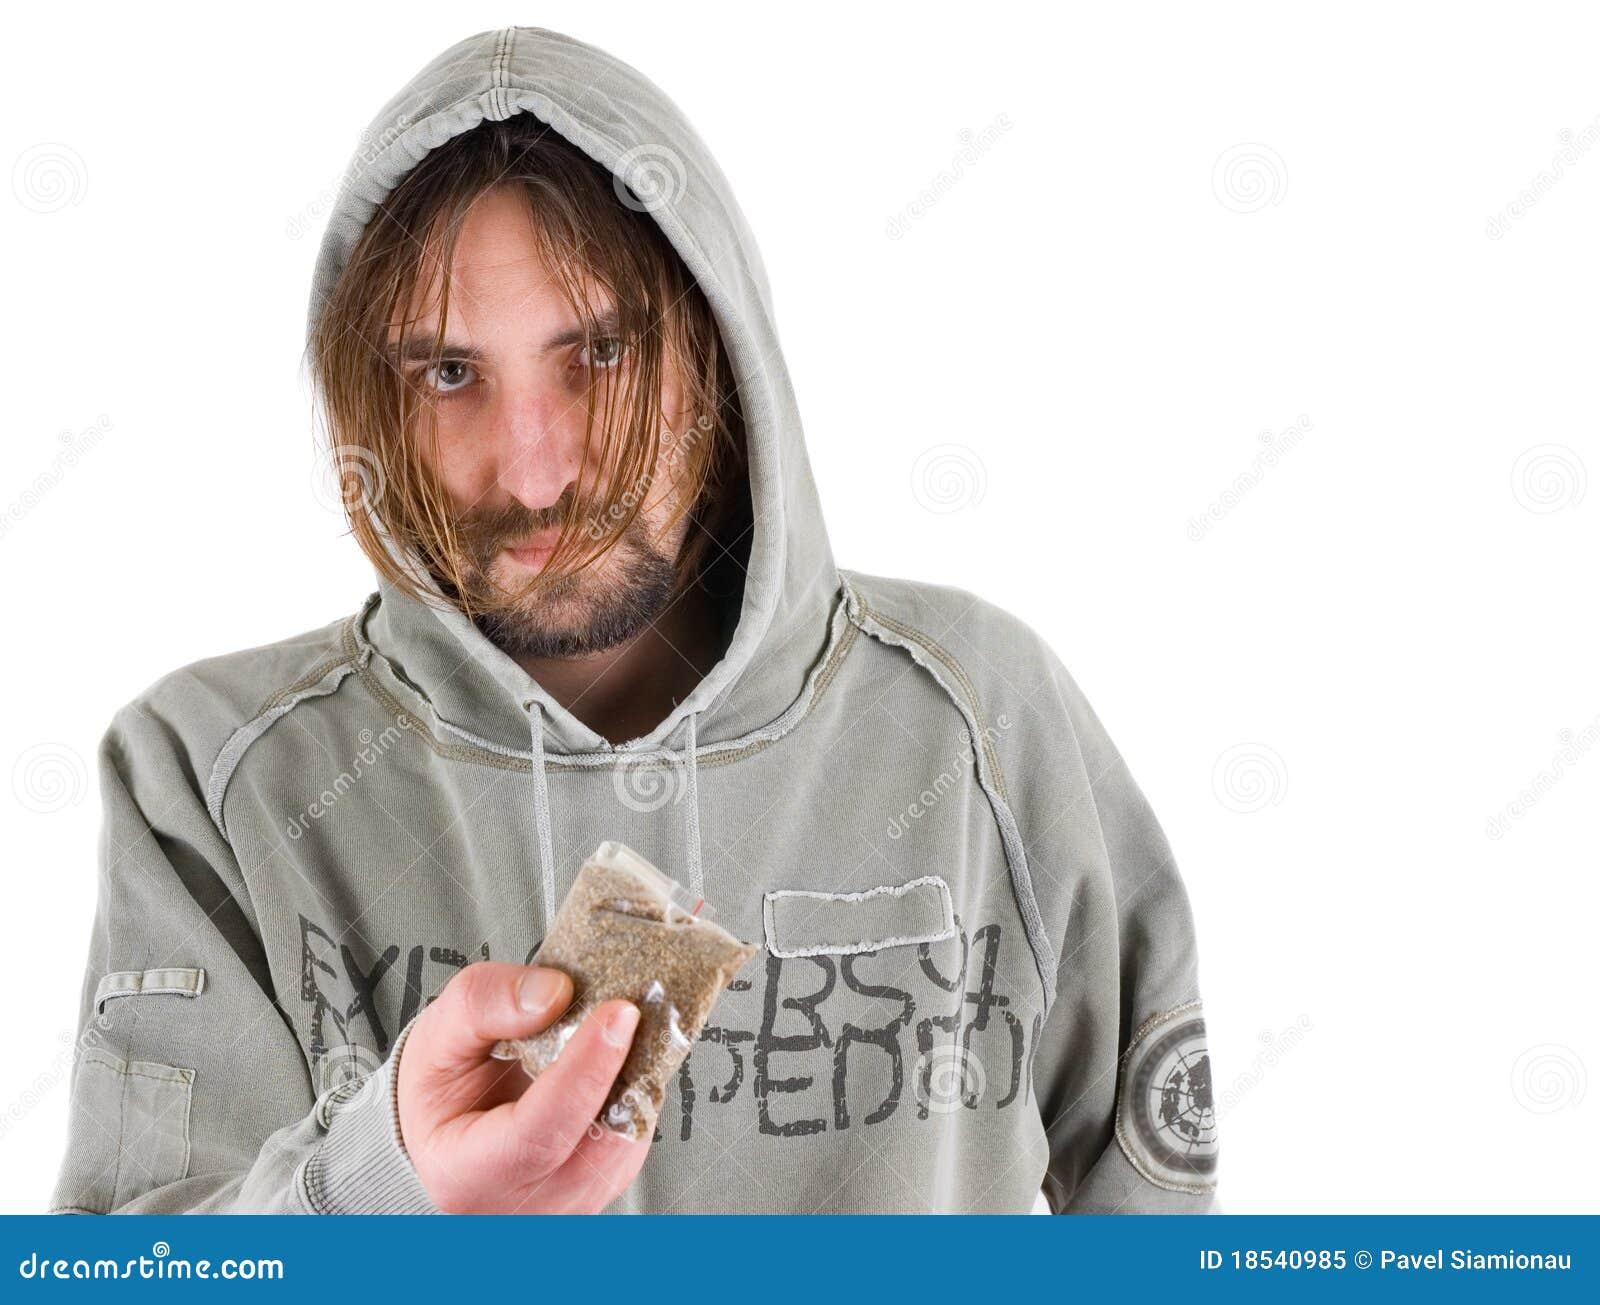 how to get a drug dealer